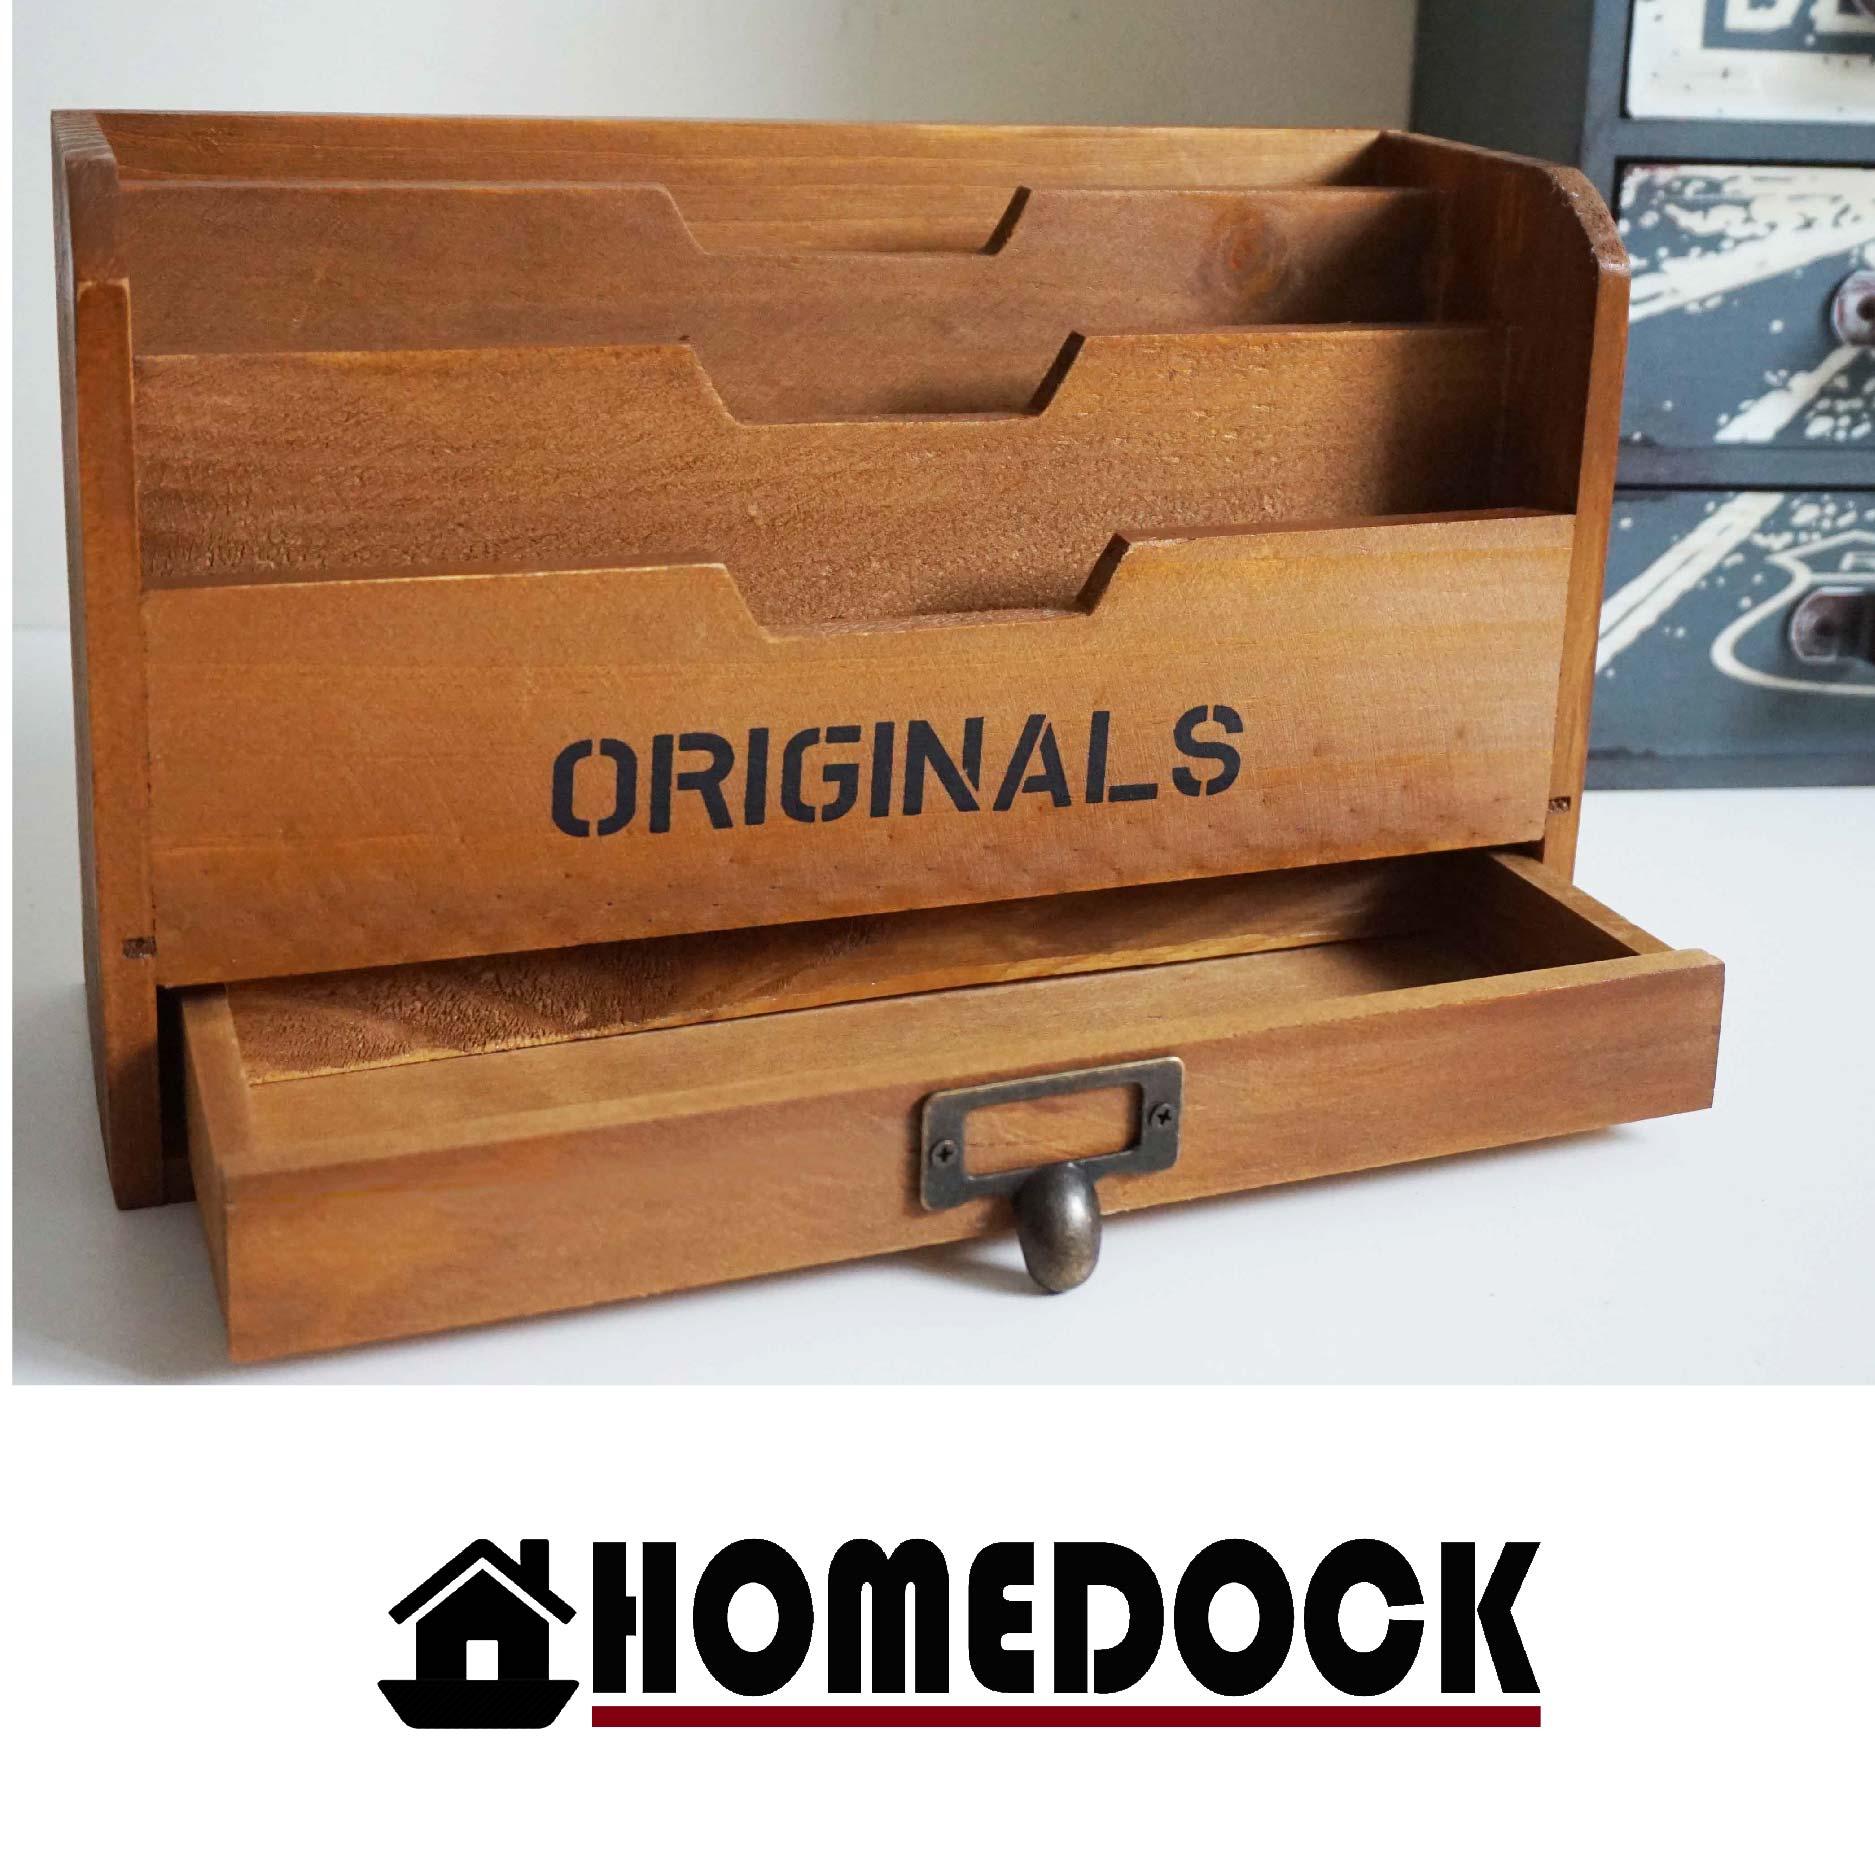 HOMEDOCK-原木質感辦公桌明信片/名片收納盒 /木櫃/置物櫃/Zakka/雜貨/原木製/層格櫃/抽屜/雙層